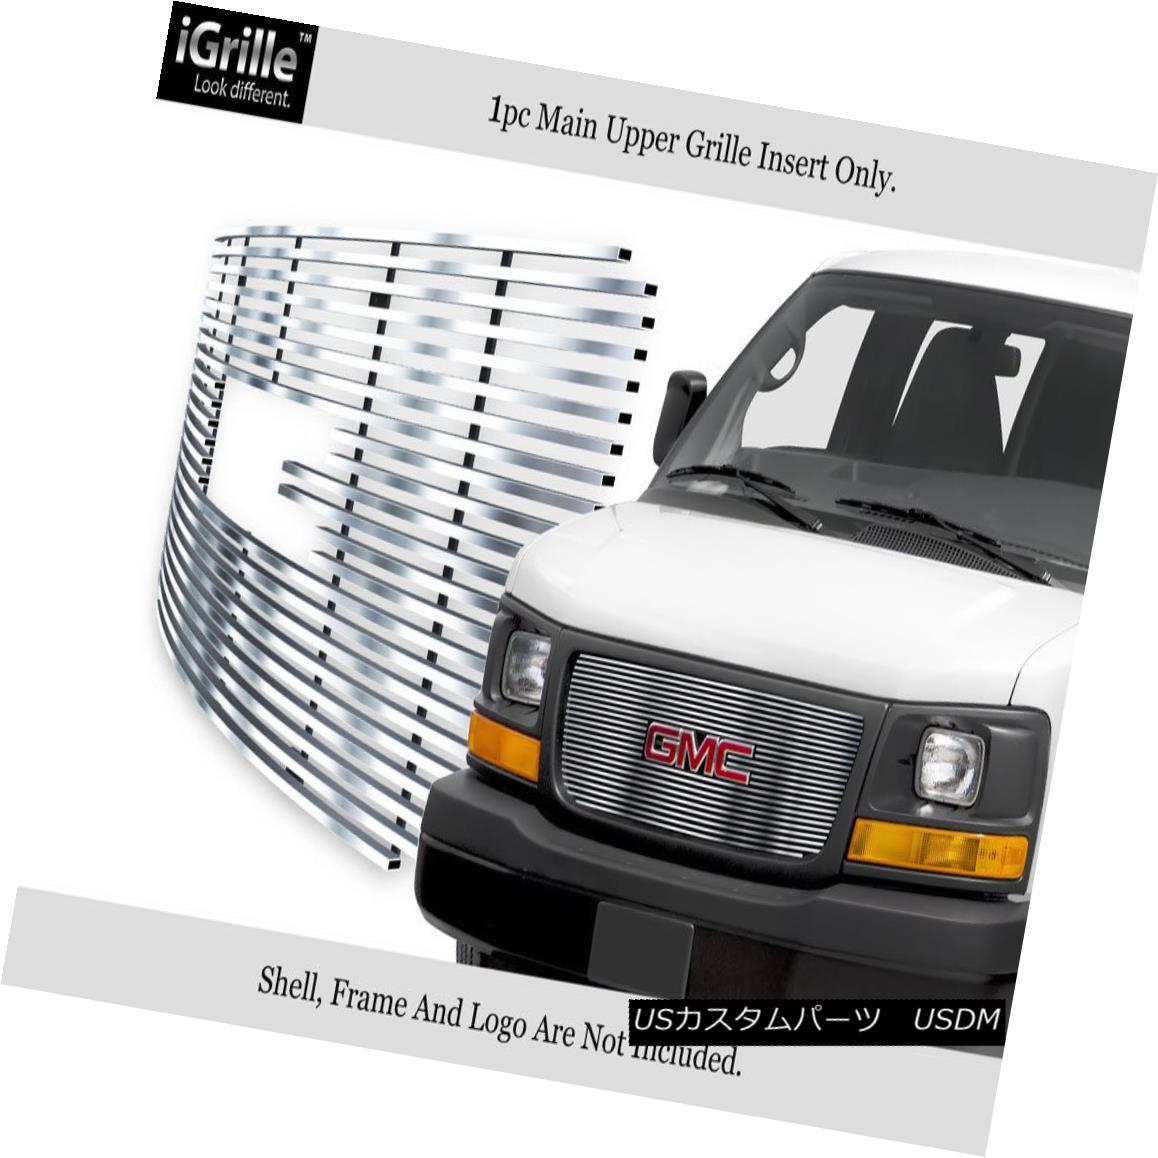 グリル Fits 2003-2018 GMC Savana Explorer Conversion Stainless Steel Billet Grille フィット2003-2018 GMCサバナエクスプローラ変換ステンレス鋼ビレットグリル